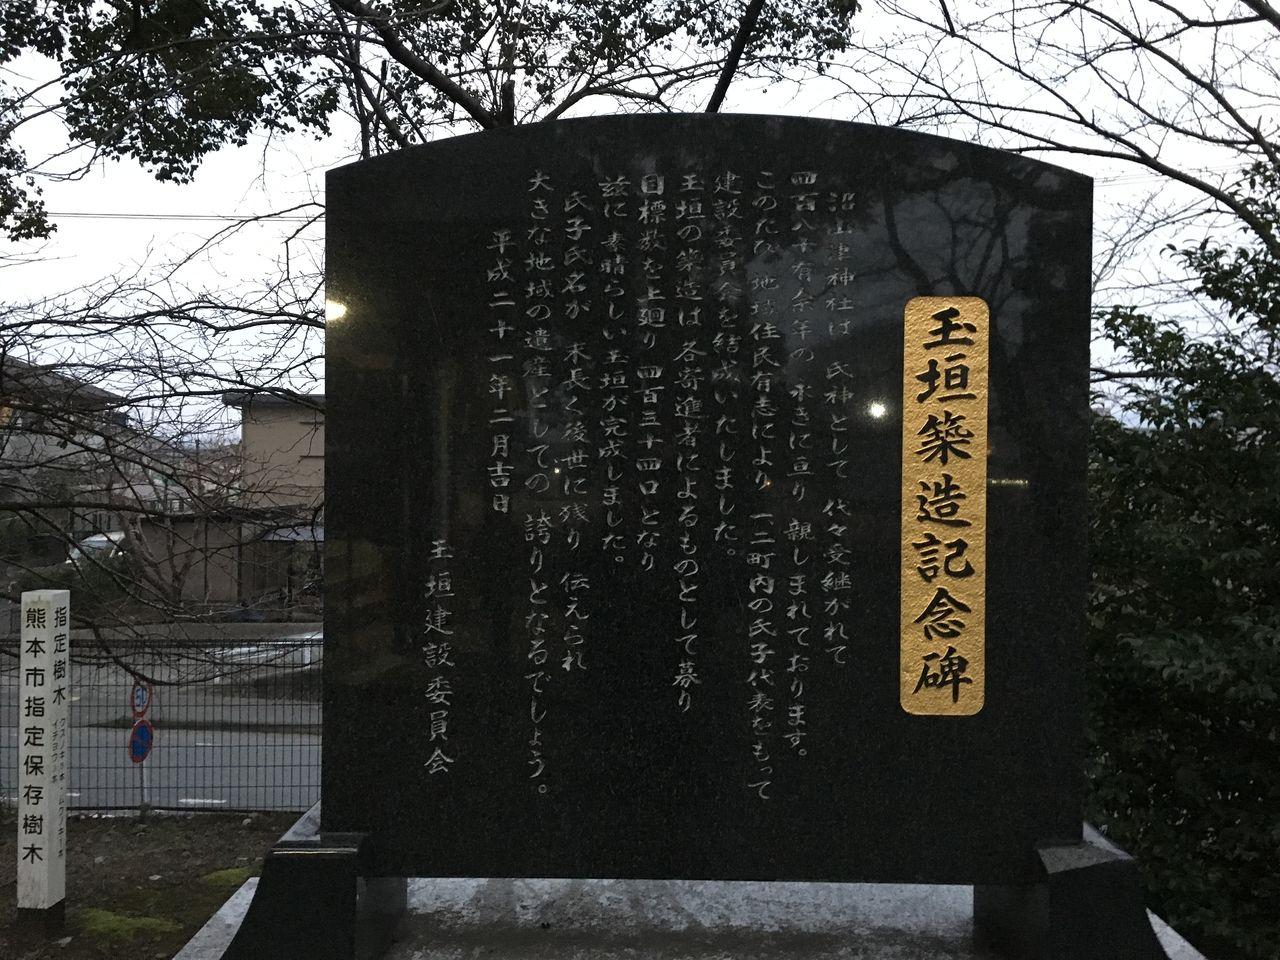 玉垣築造記念碑